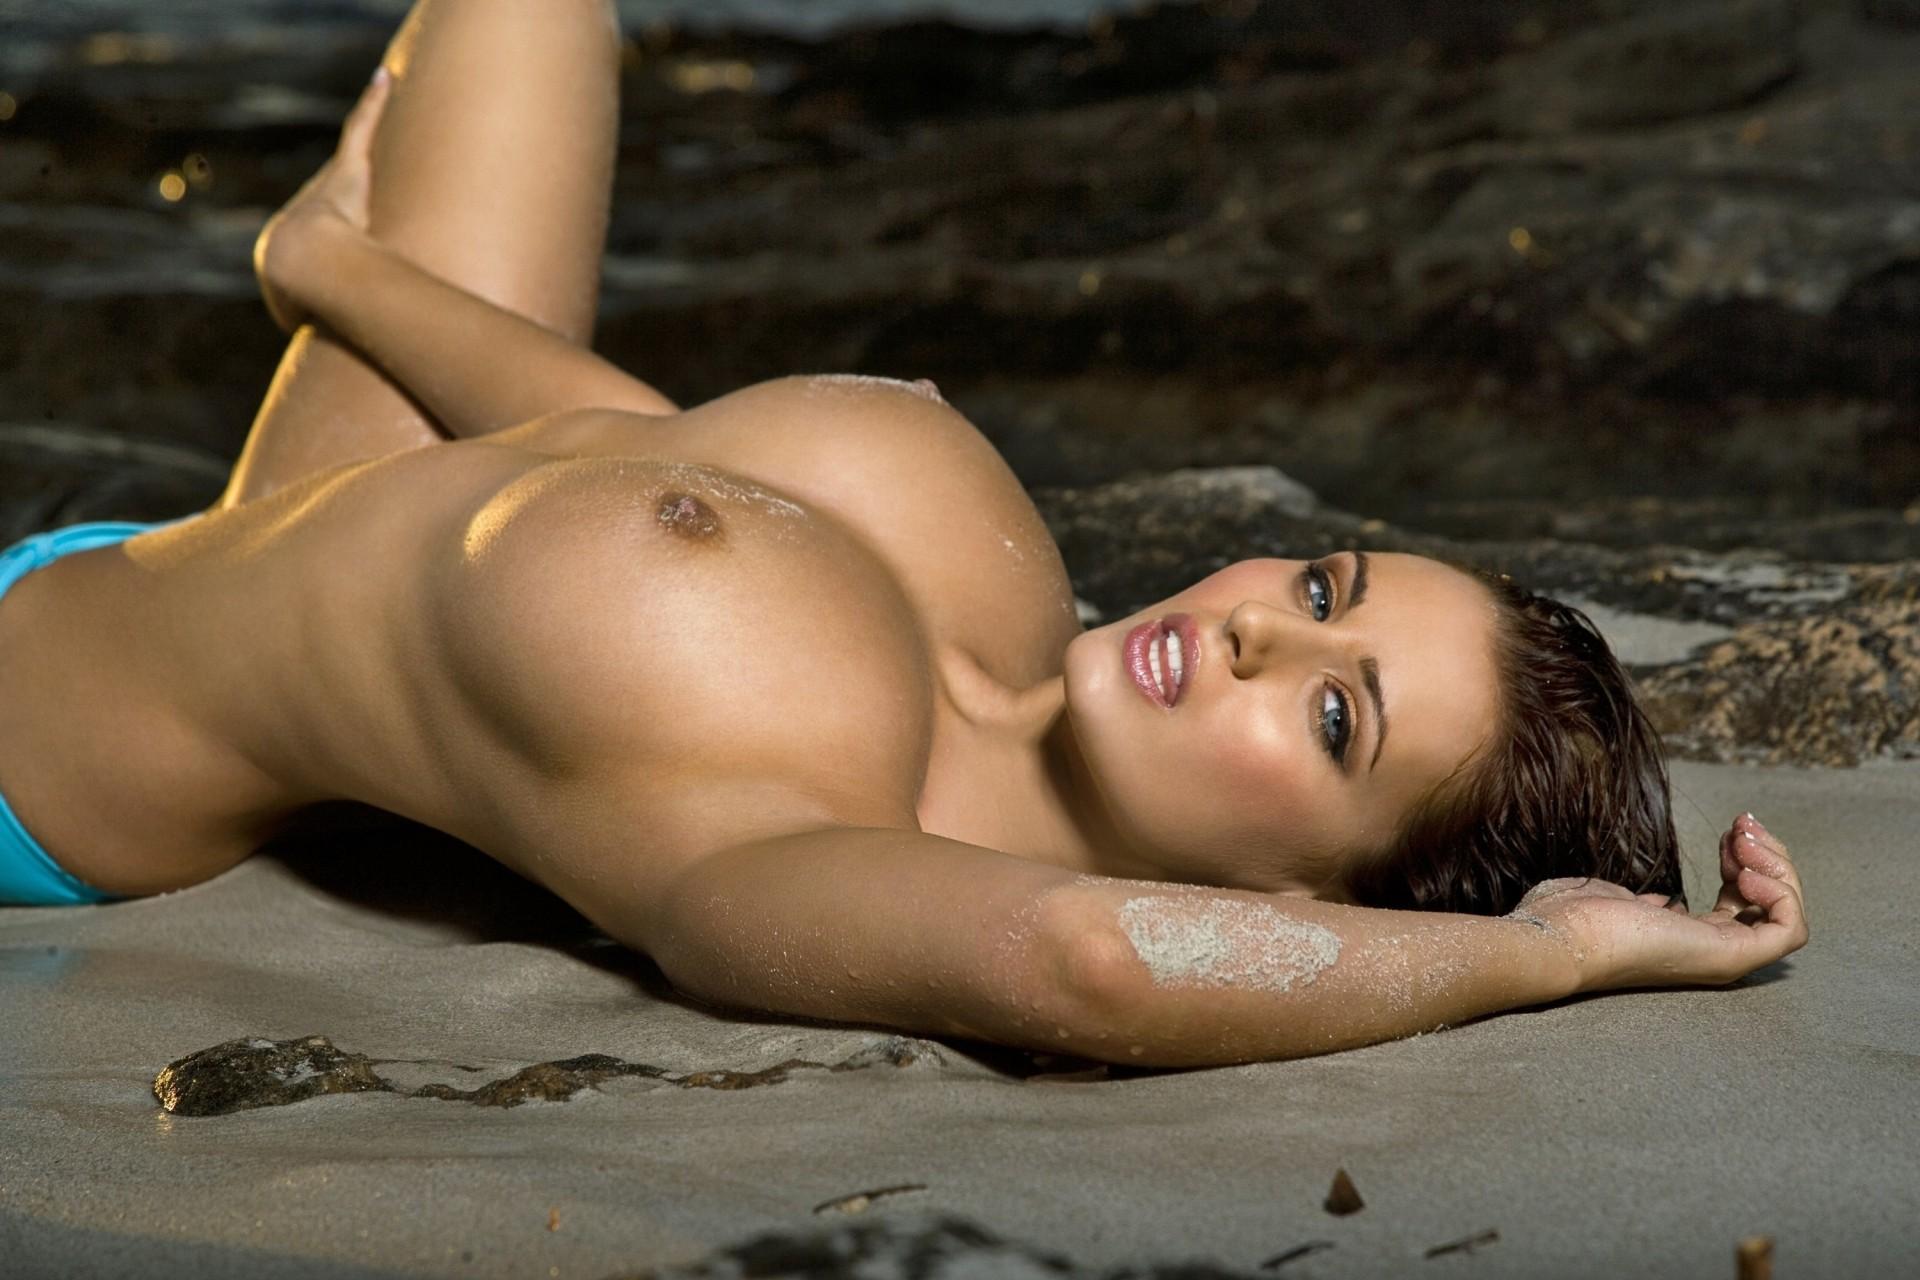 Анальный секс с секретаршей порно фото бесплатно